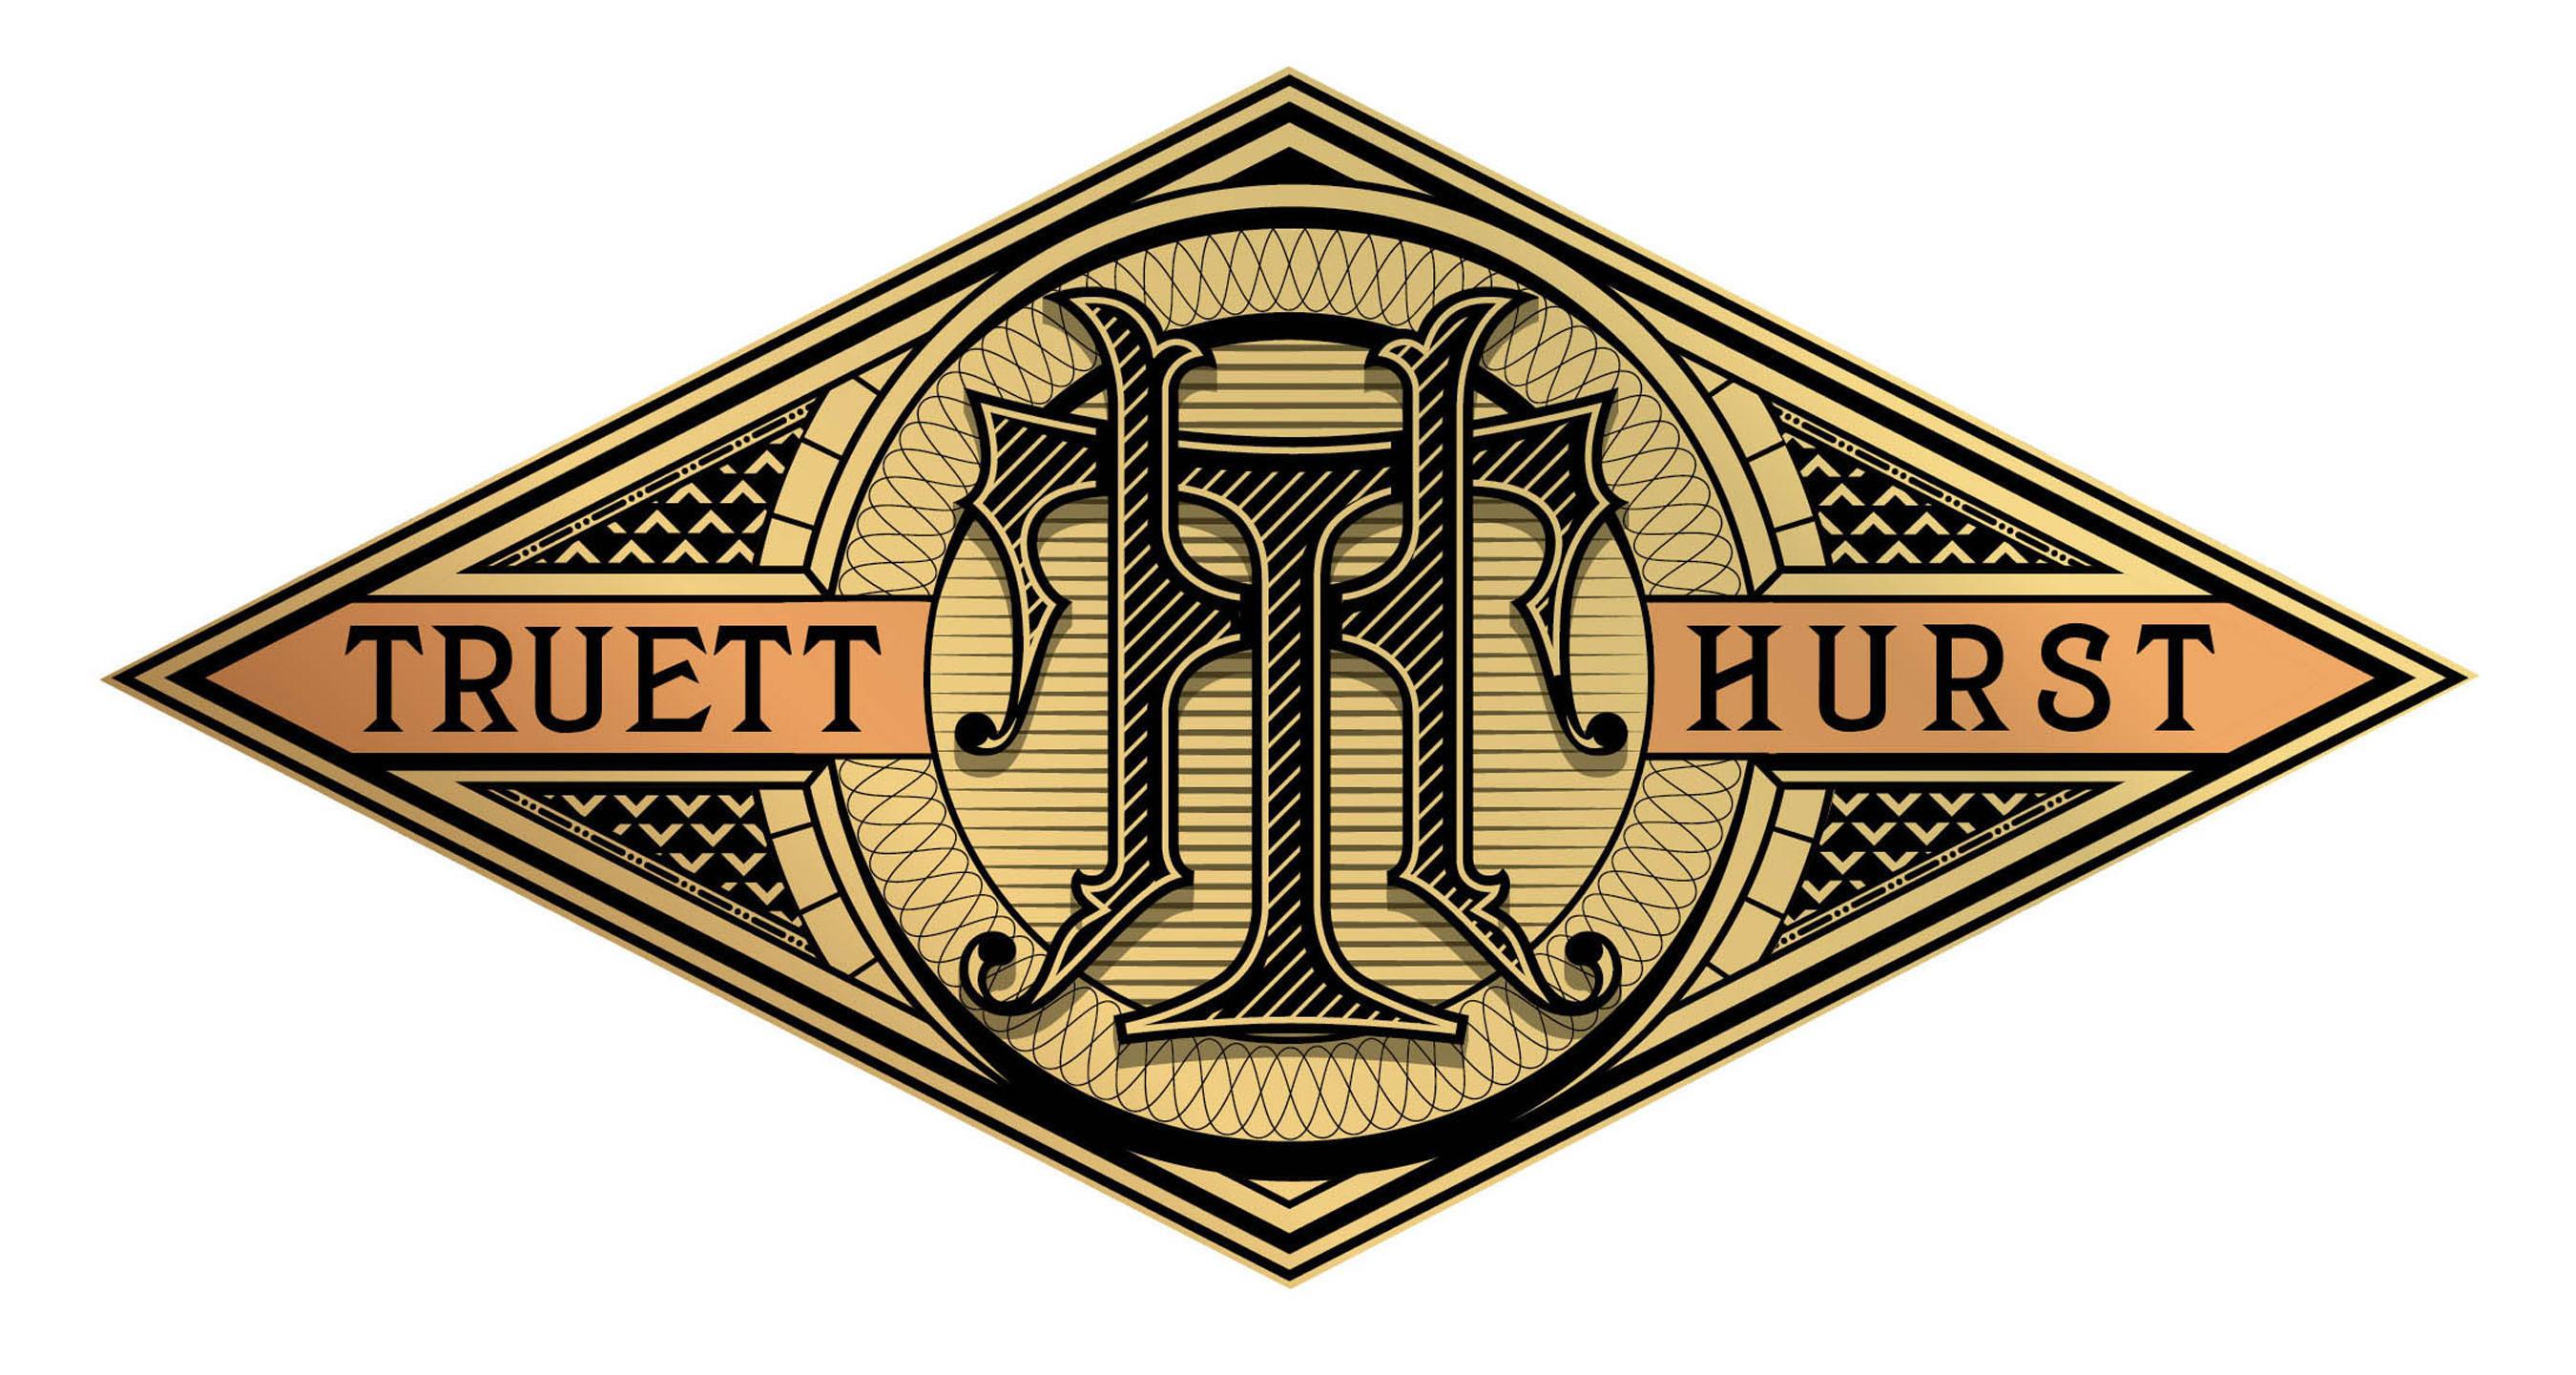 Truett-Hurst, Inc., www.truetthurstinc.com